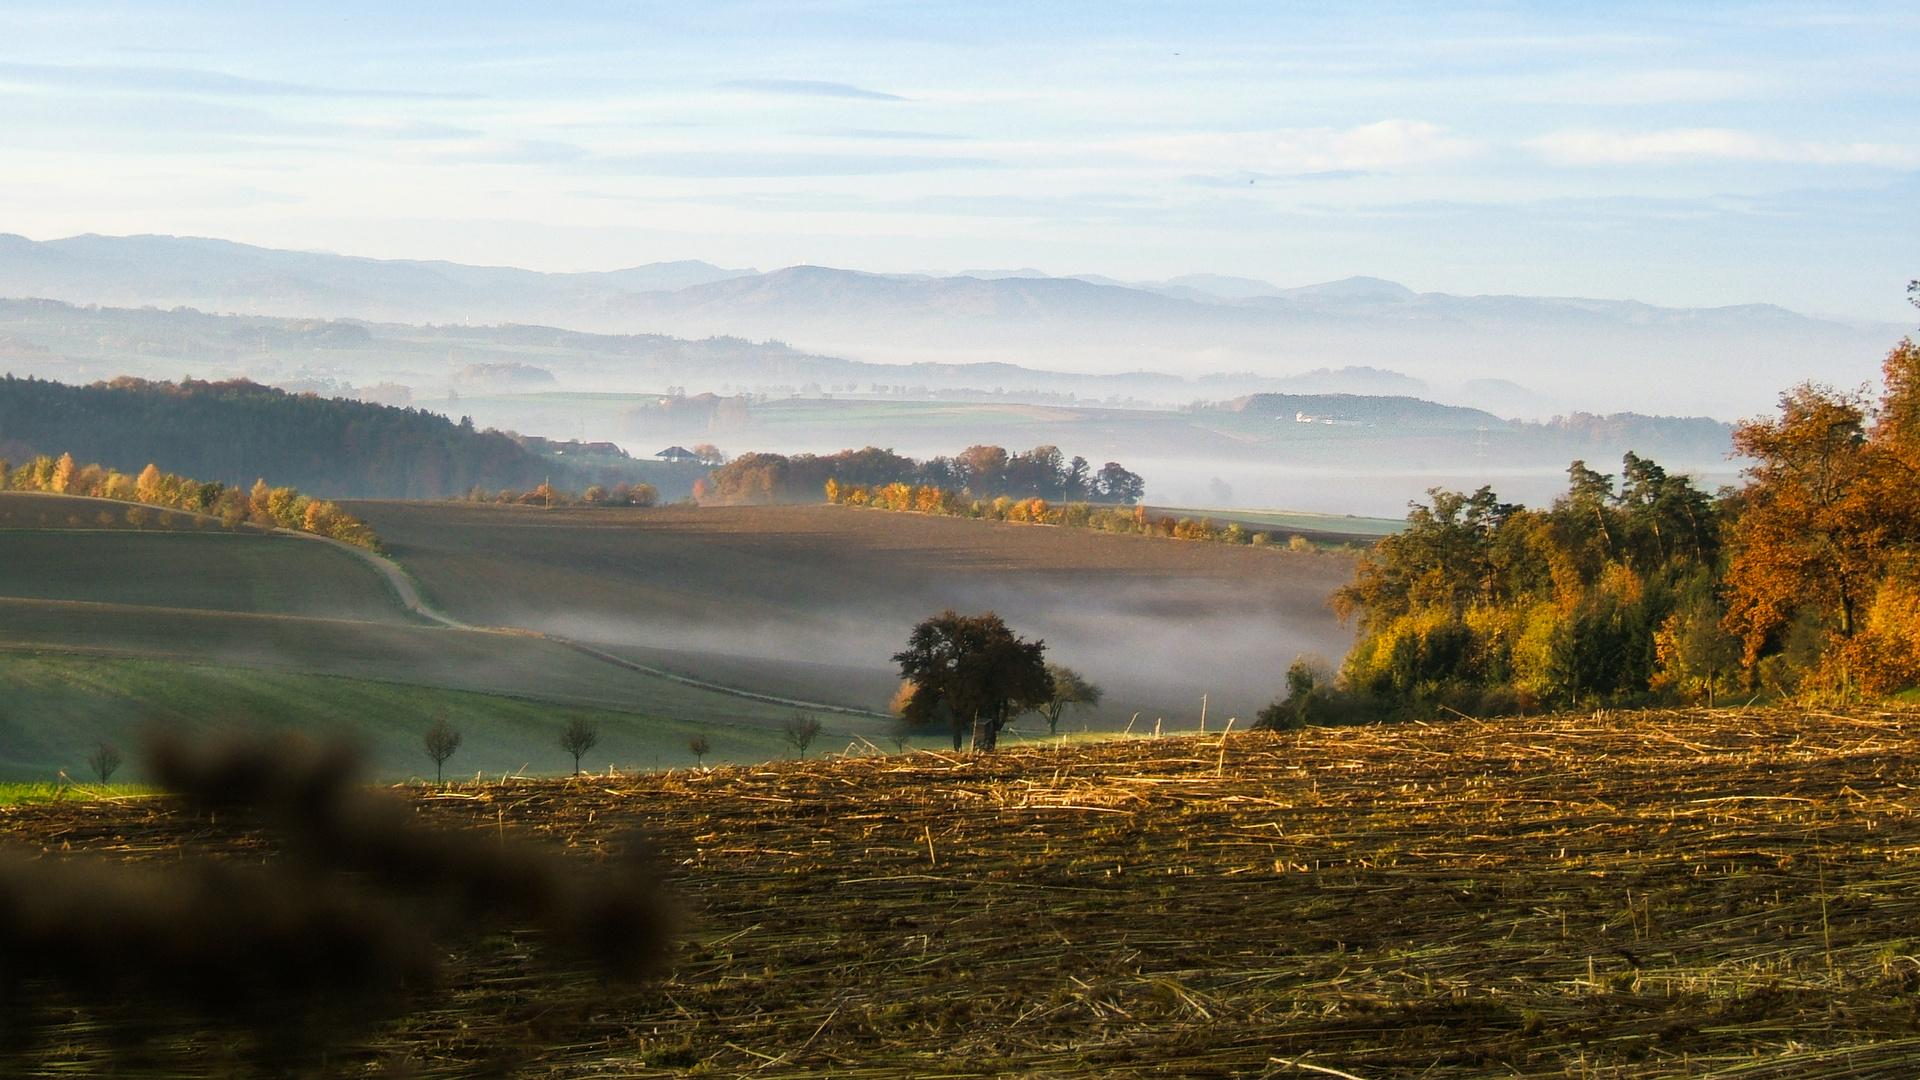 der Nebel zieht ins Land